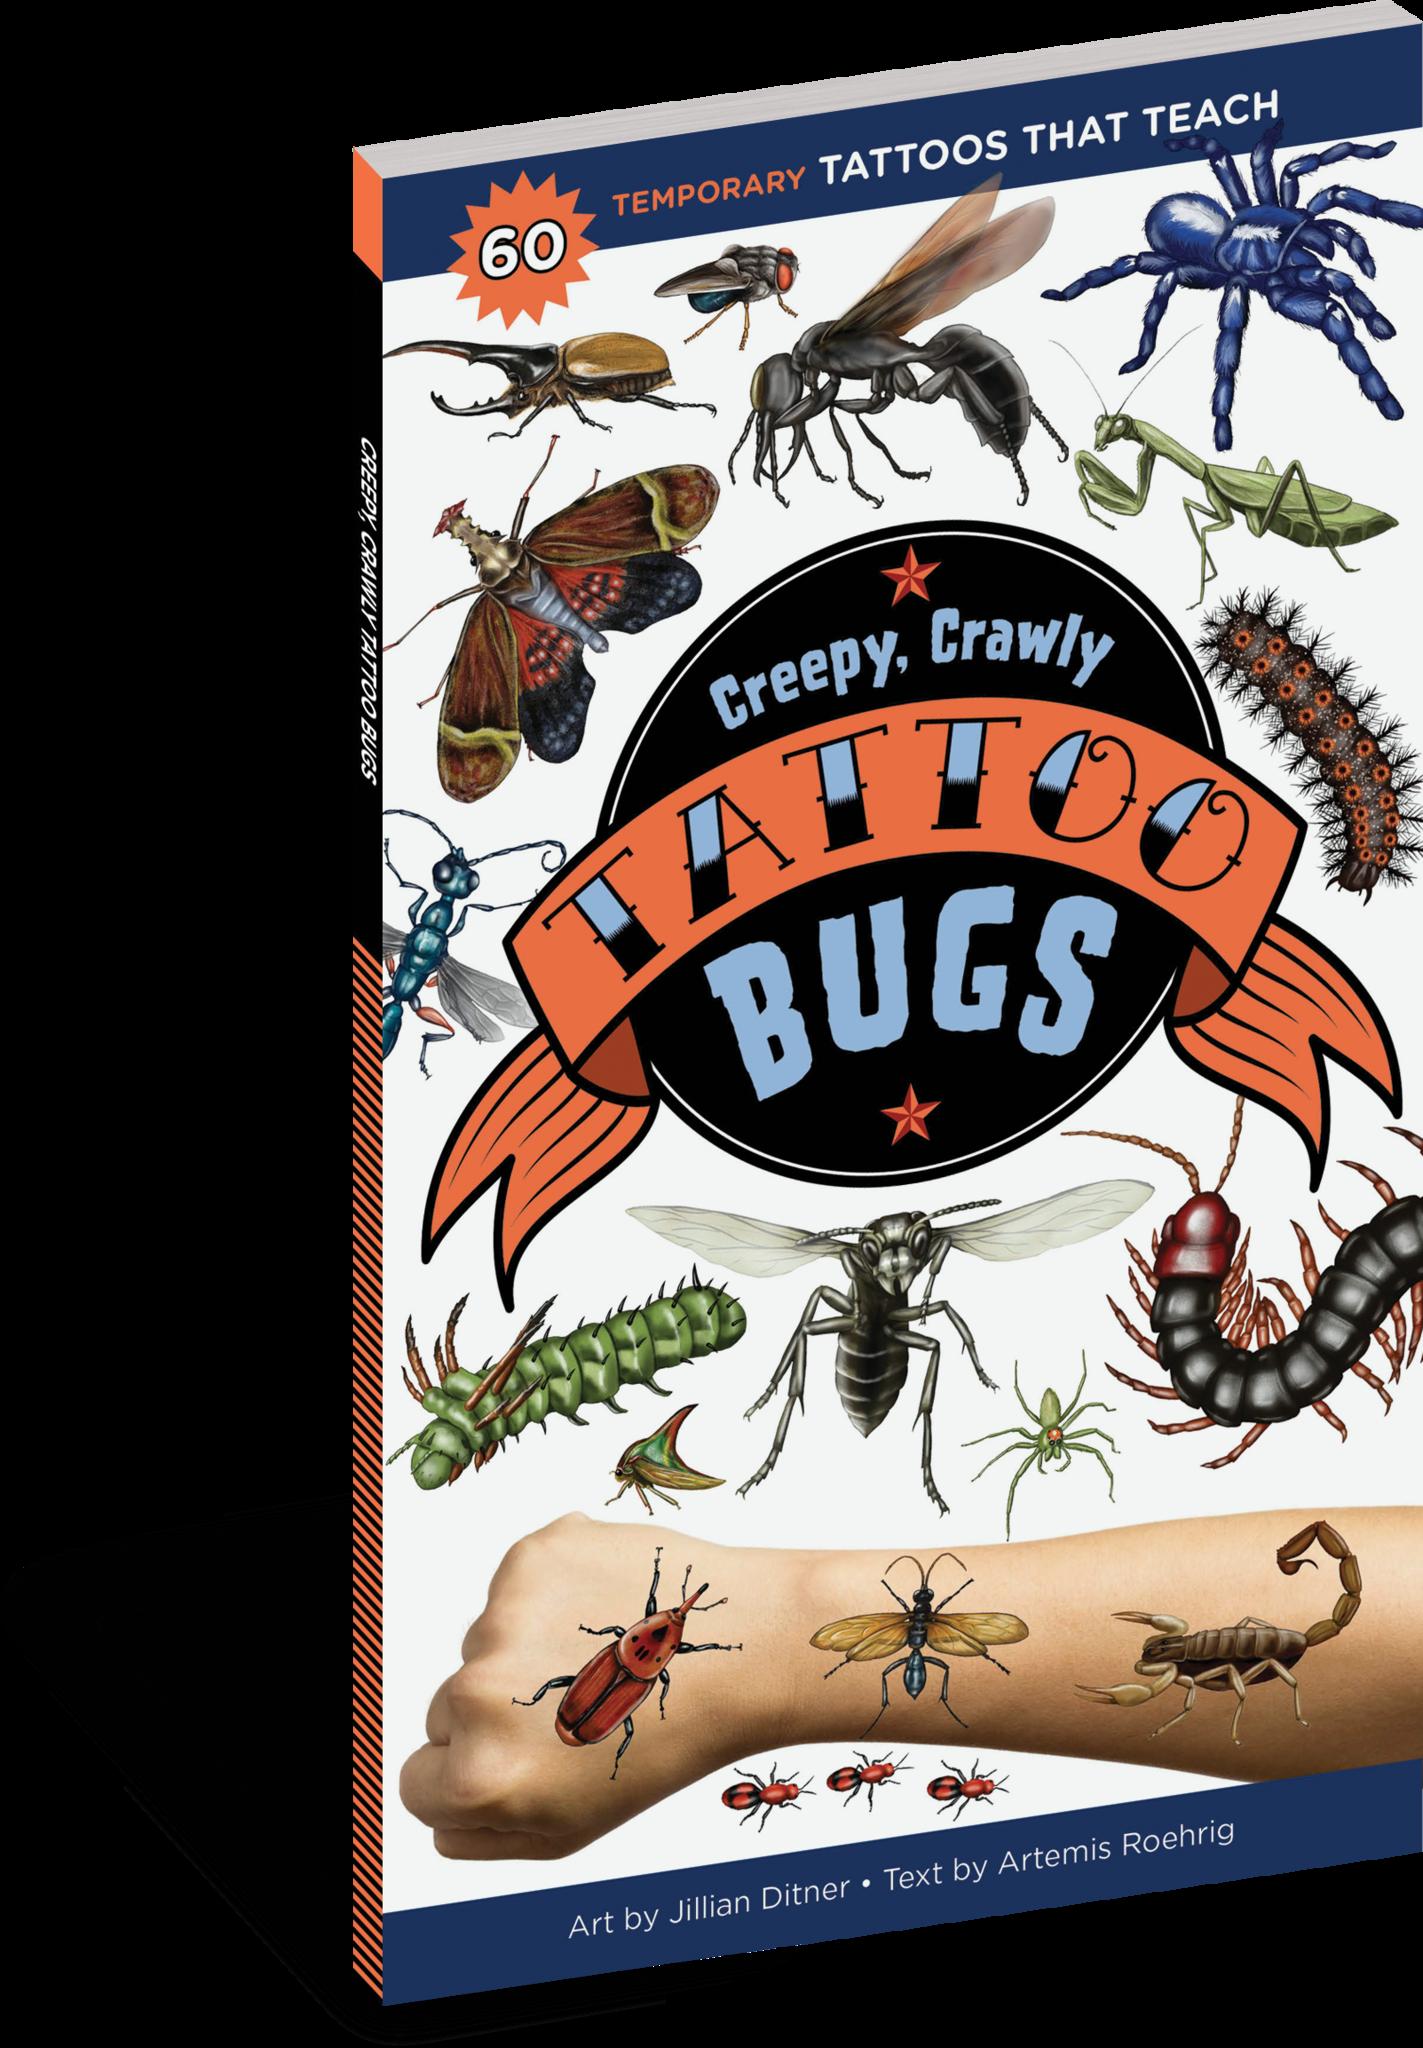 Tattoos That Teach